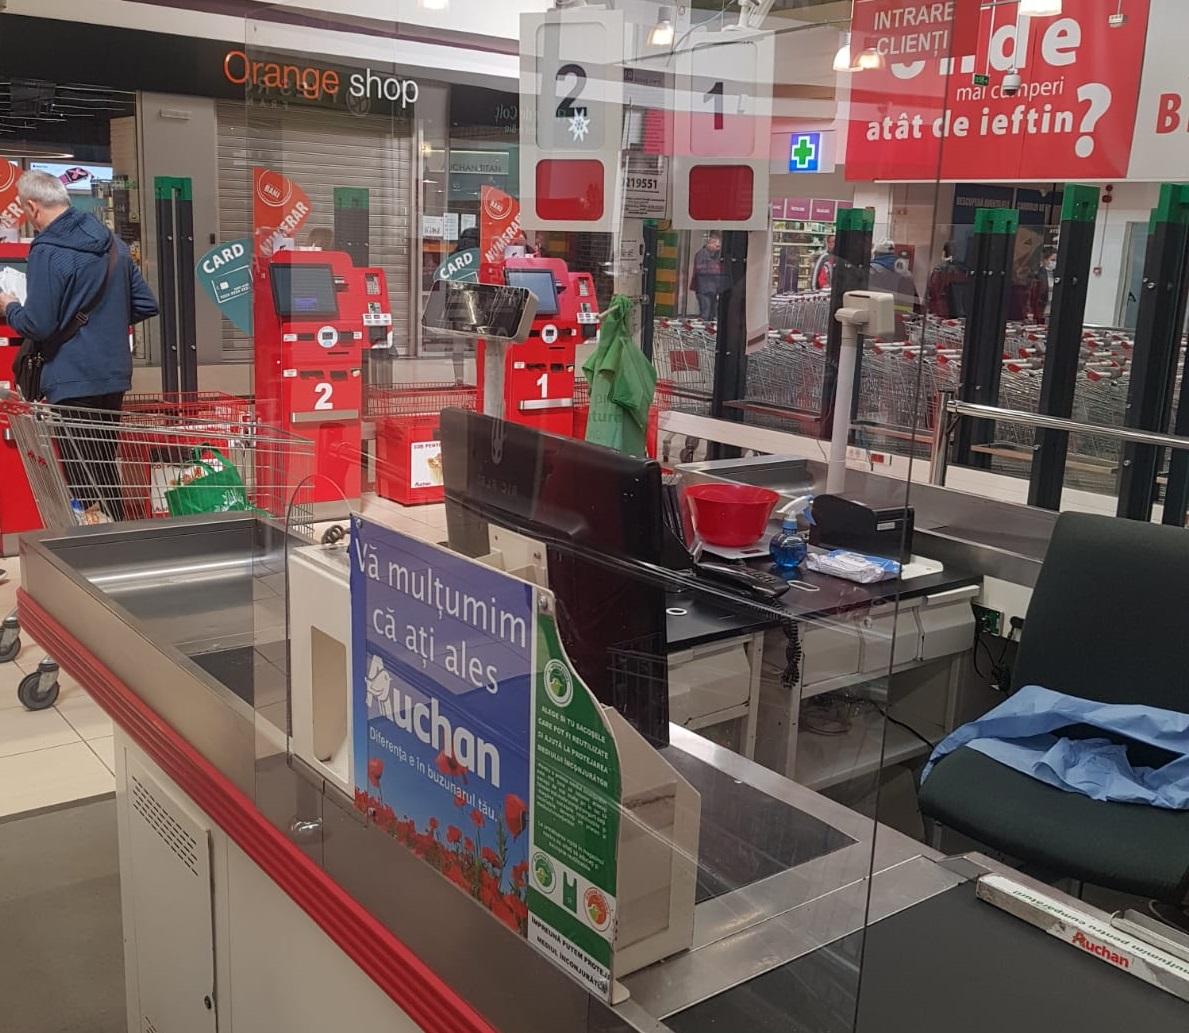 Coronavirus | Magazinele Auchan rămân deschide în programul normal. Au fost suplimentat măsurile de protecție